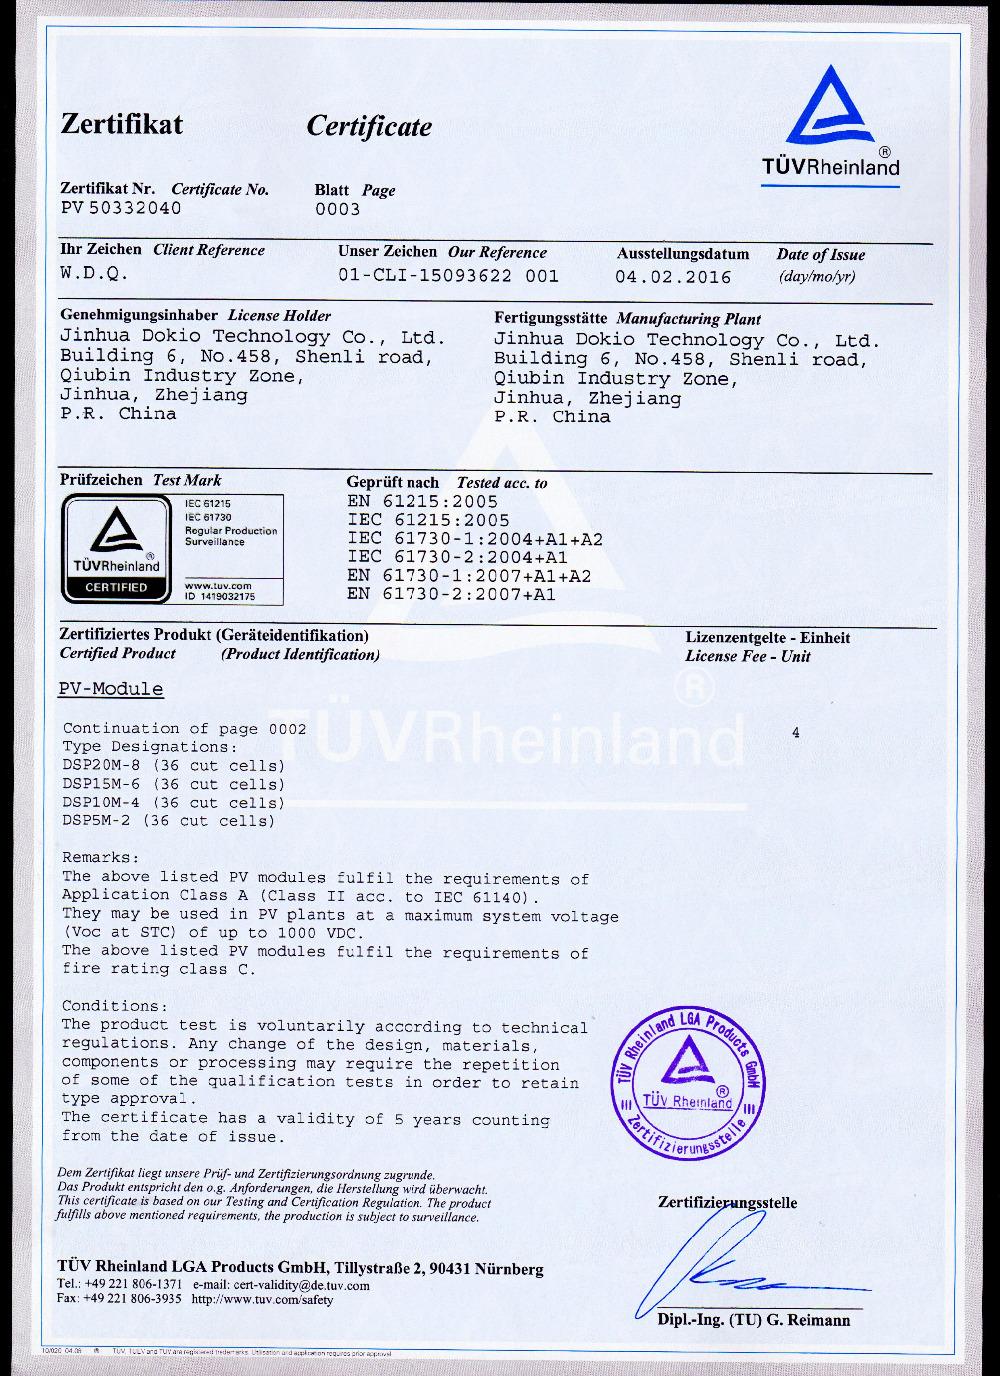 IEC61215 & 61730 3-3